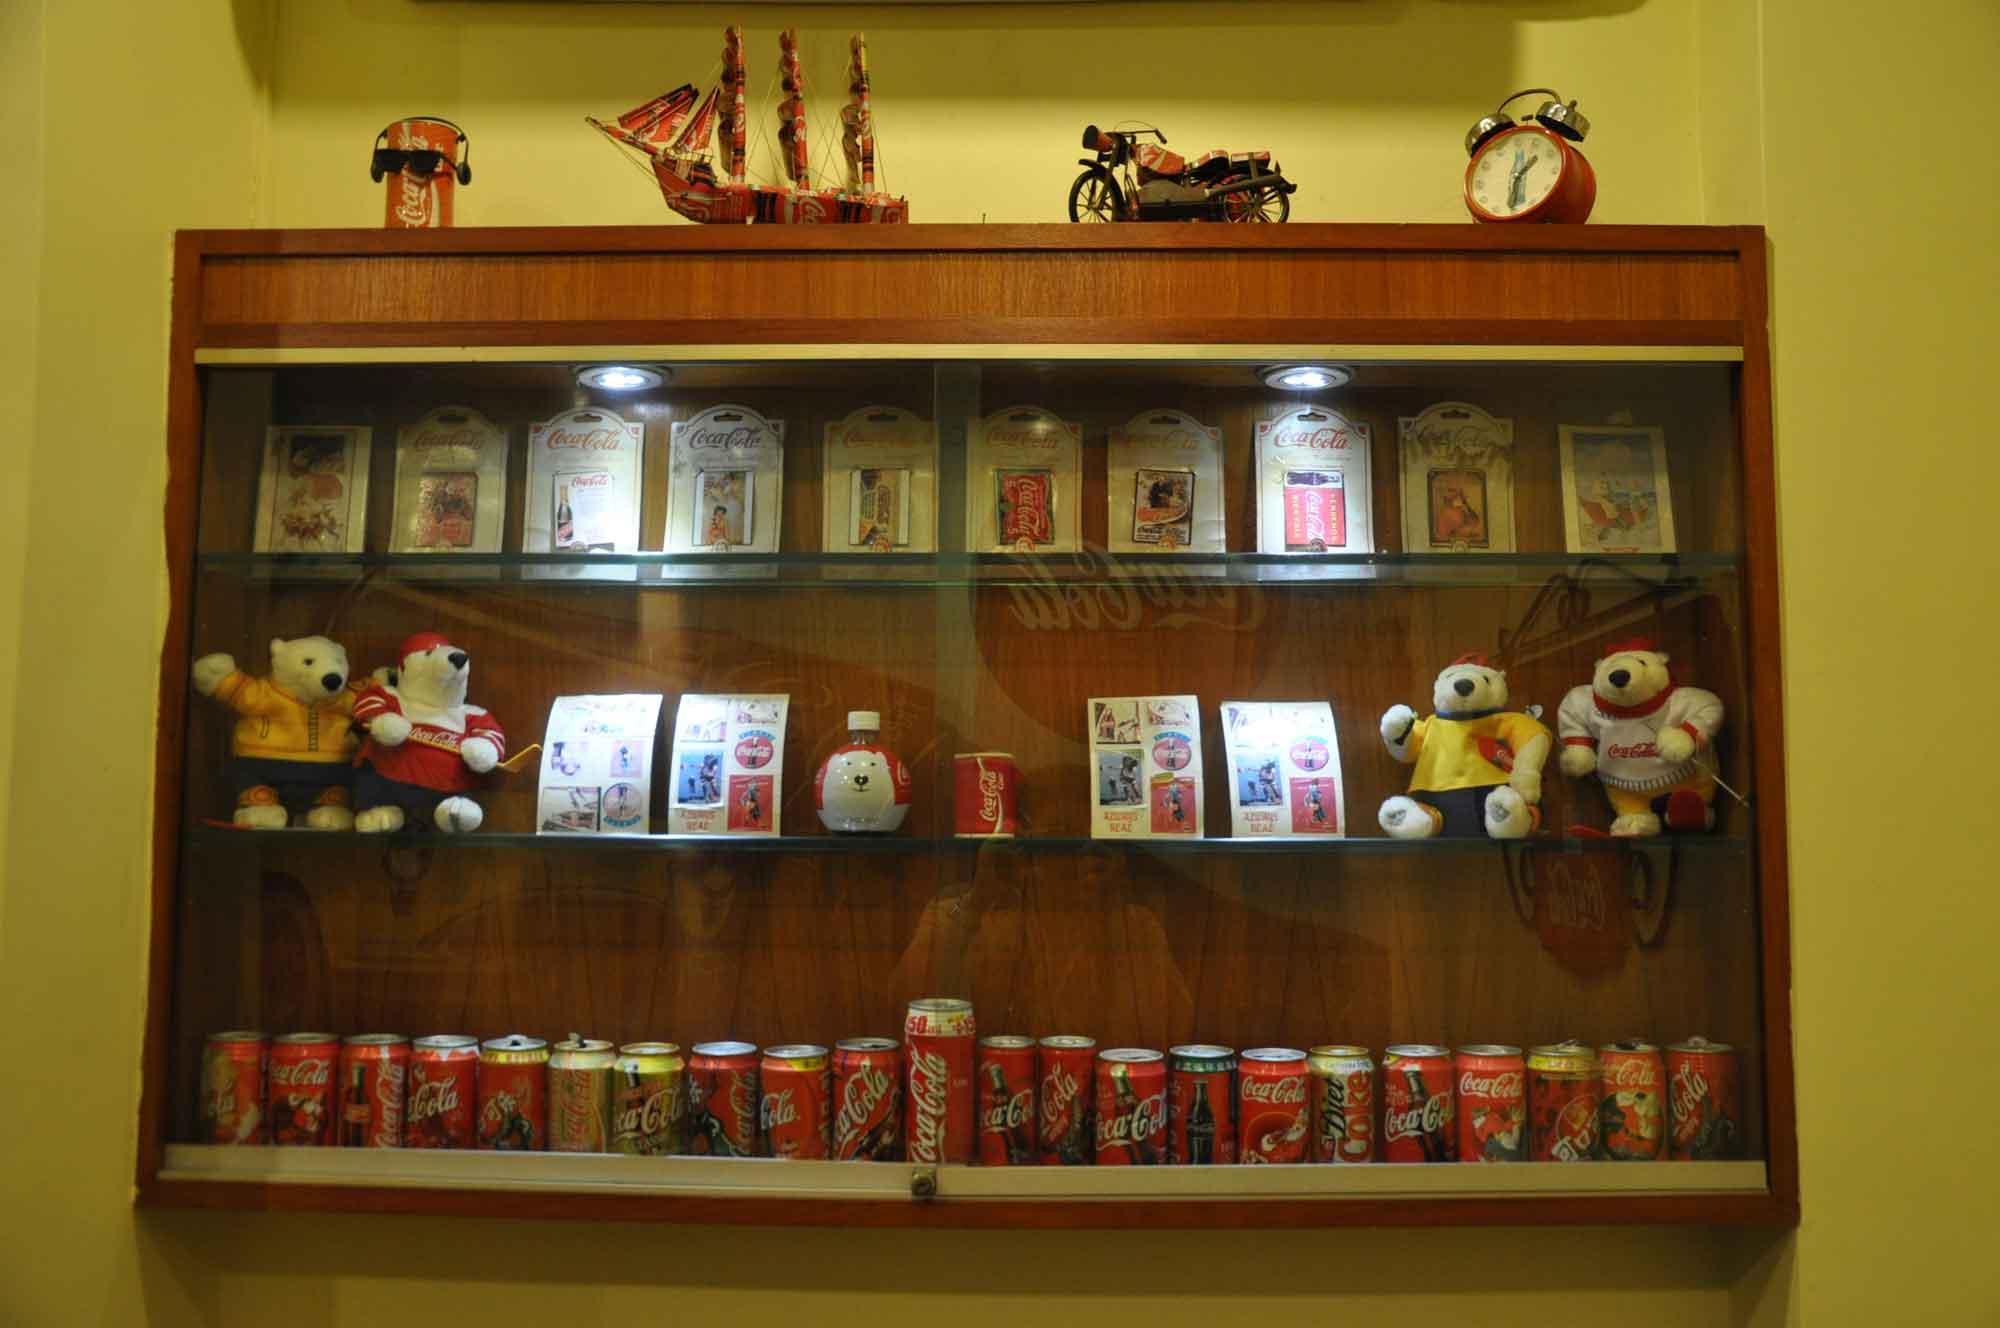 Man Lei Cheong Seng coke shelves